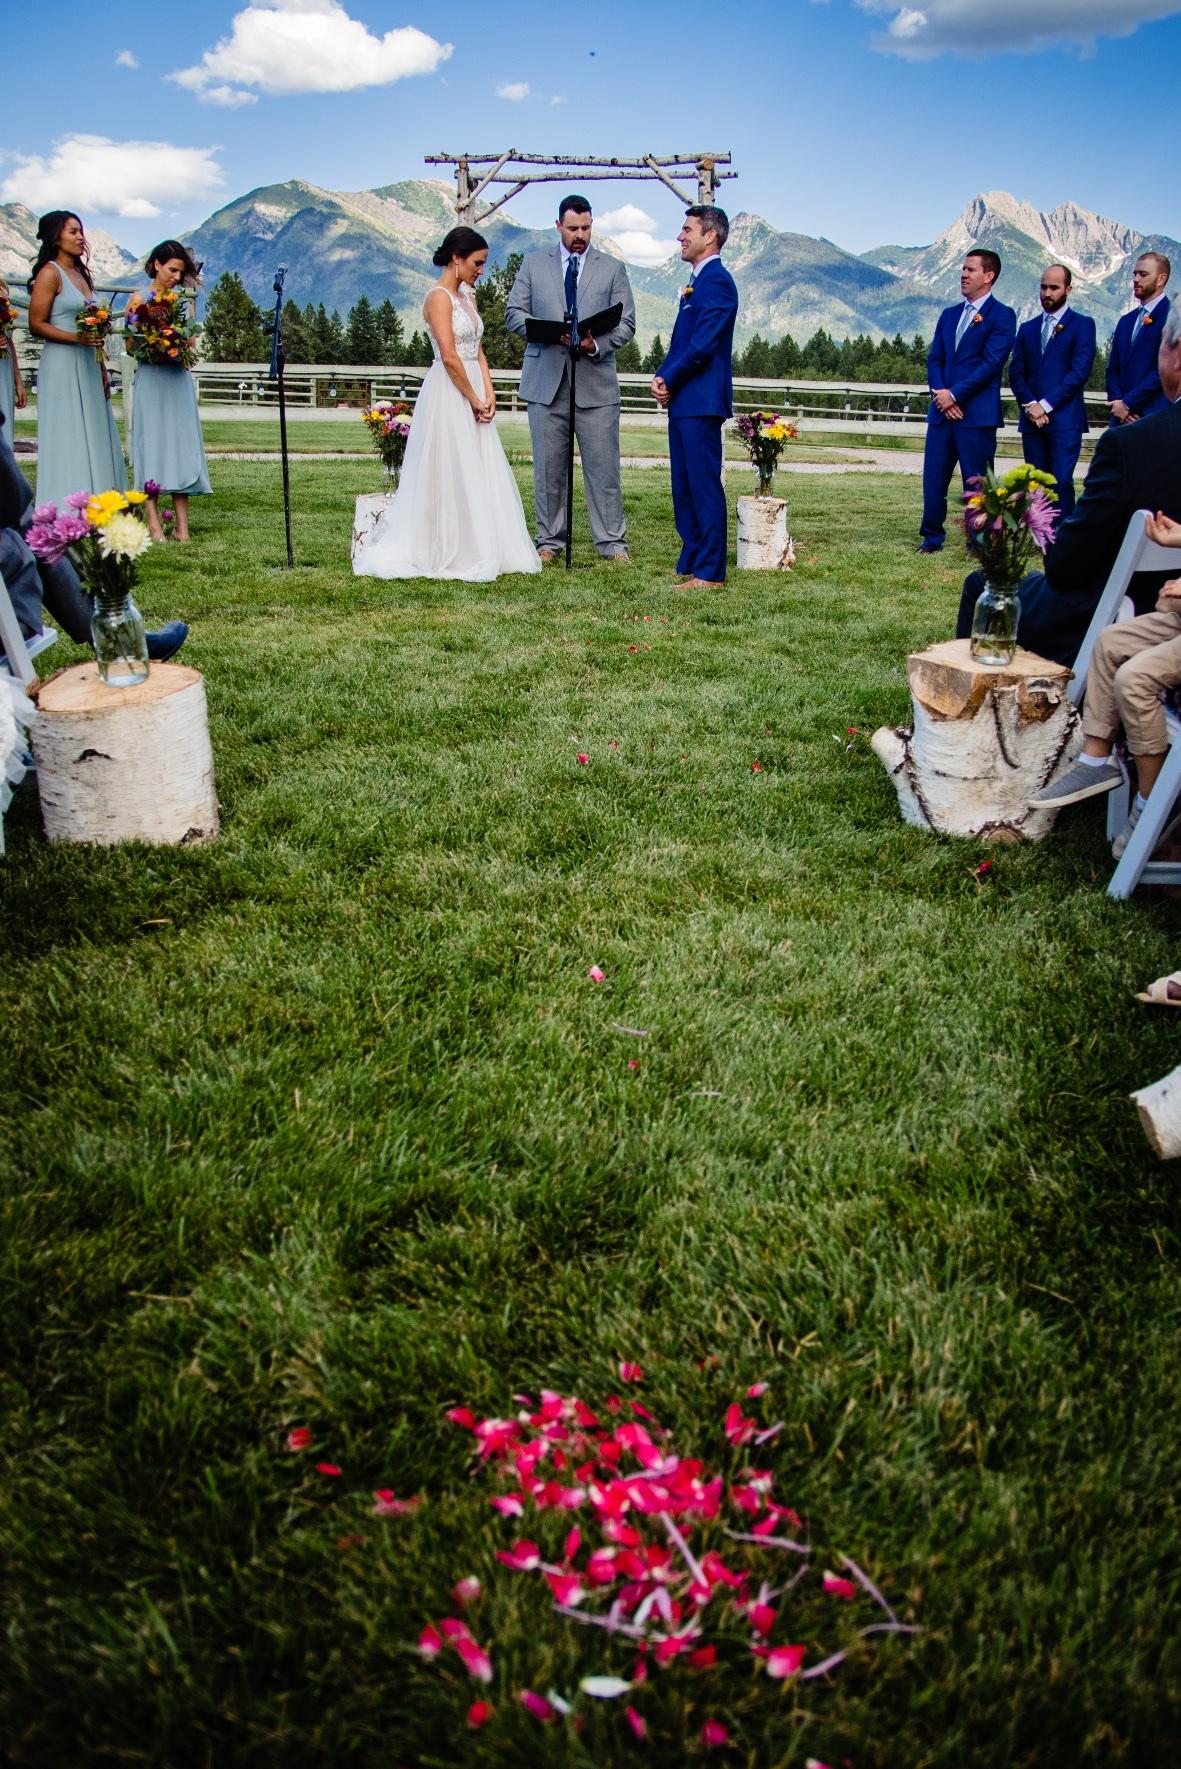 lindseyjane_weddings0088.jpg